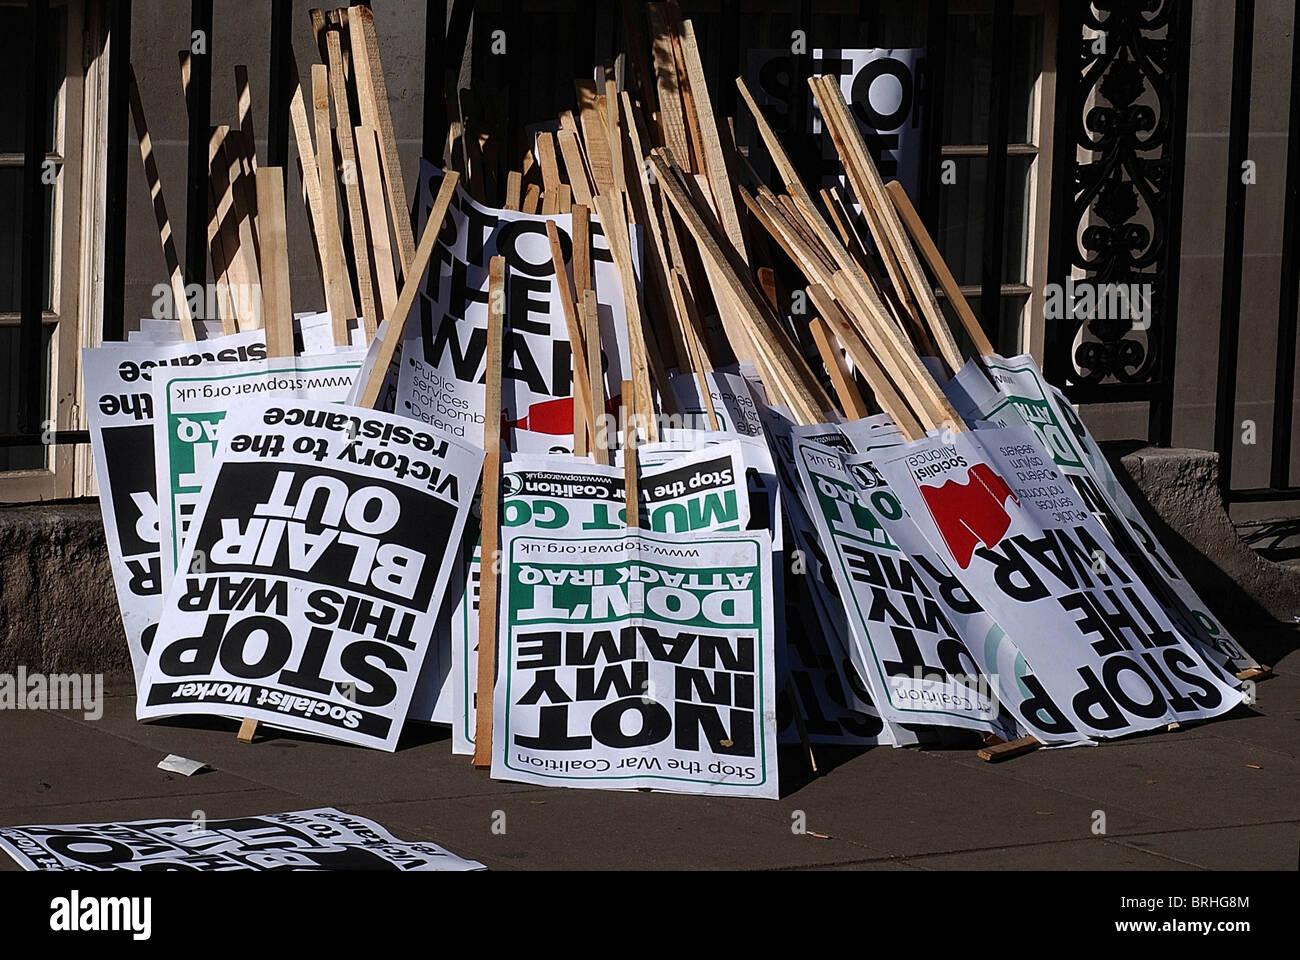 Carteles desechados después del Grosvenor Sqr. anti guerra demo, 05-04-2003. Foto por John Robertson-Tel.07850 Imagen De Stock